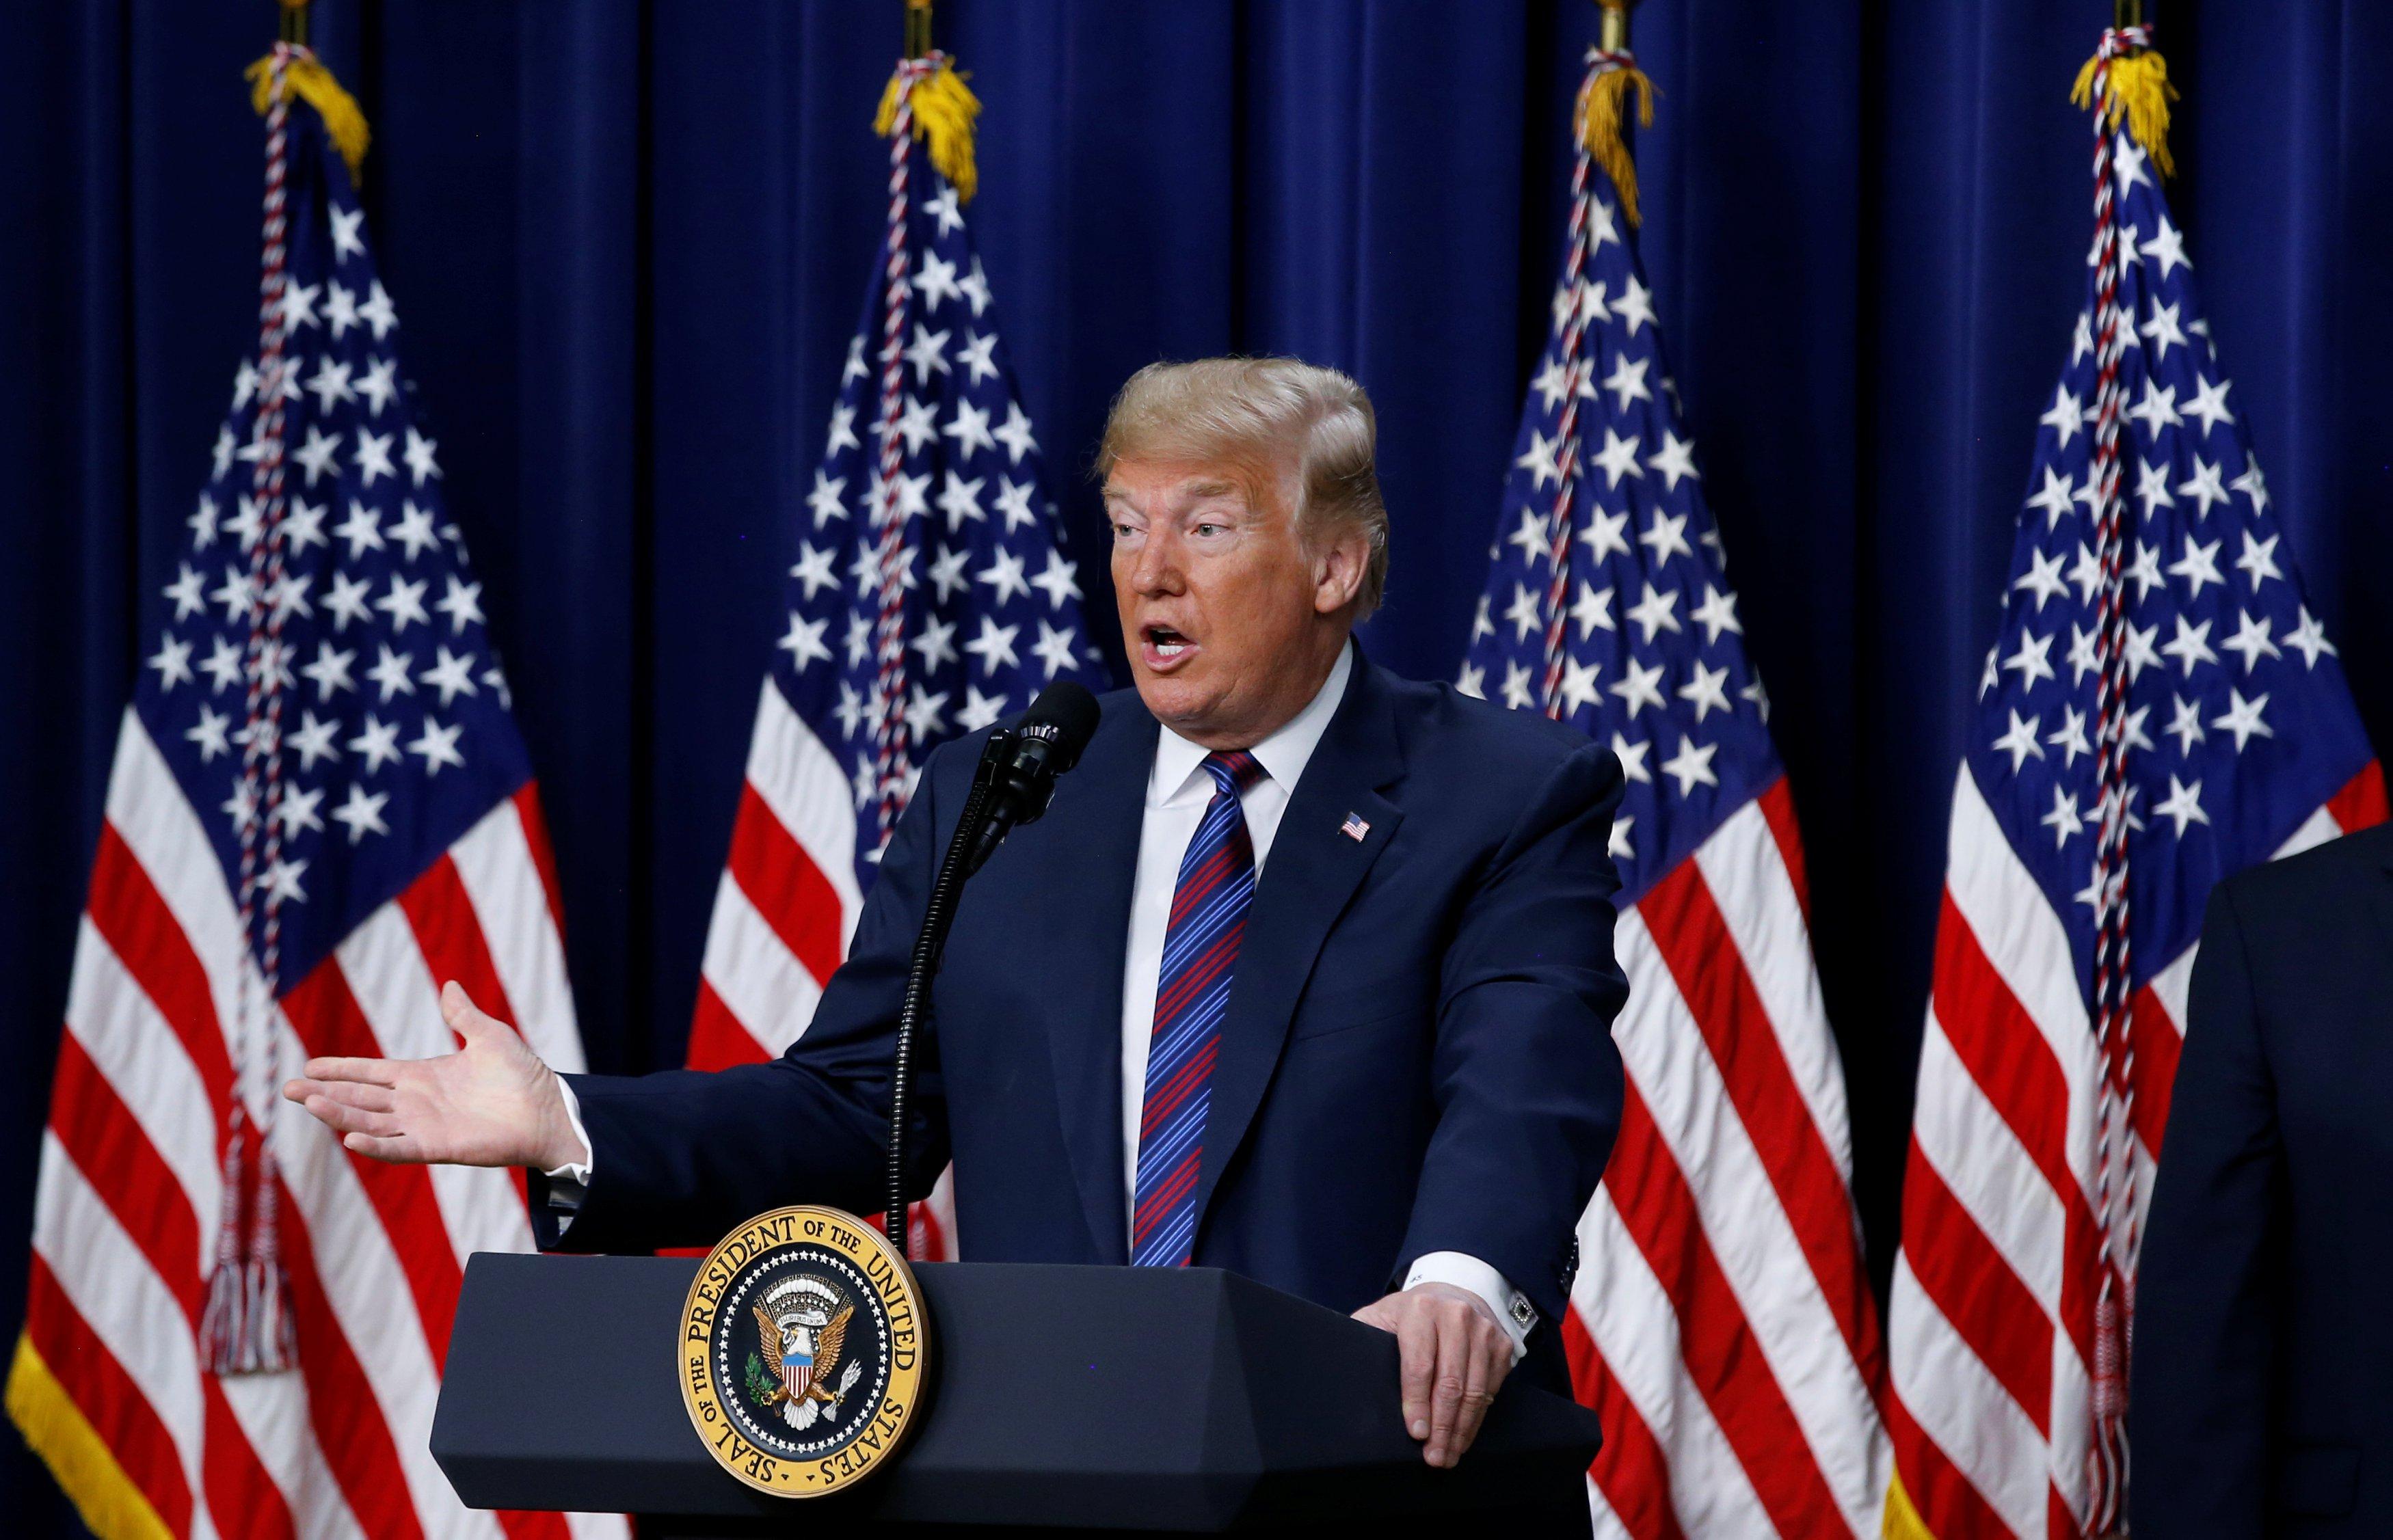 Слова Дональда Трампа о возвращении России в G8 приводят к уменьшению лидерства США в мире, считает Маккейн